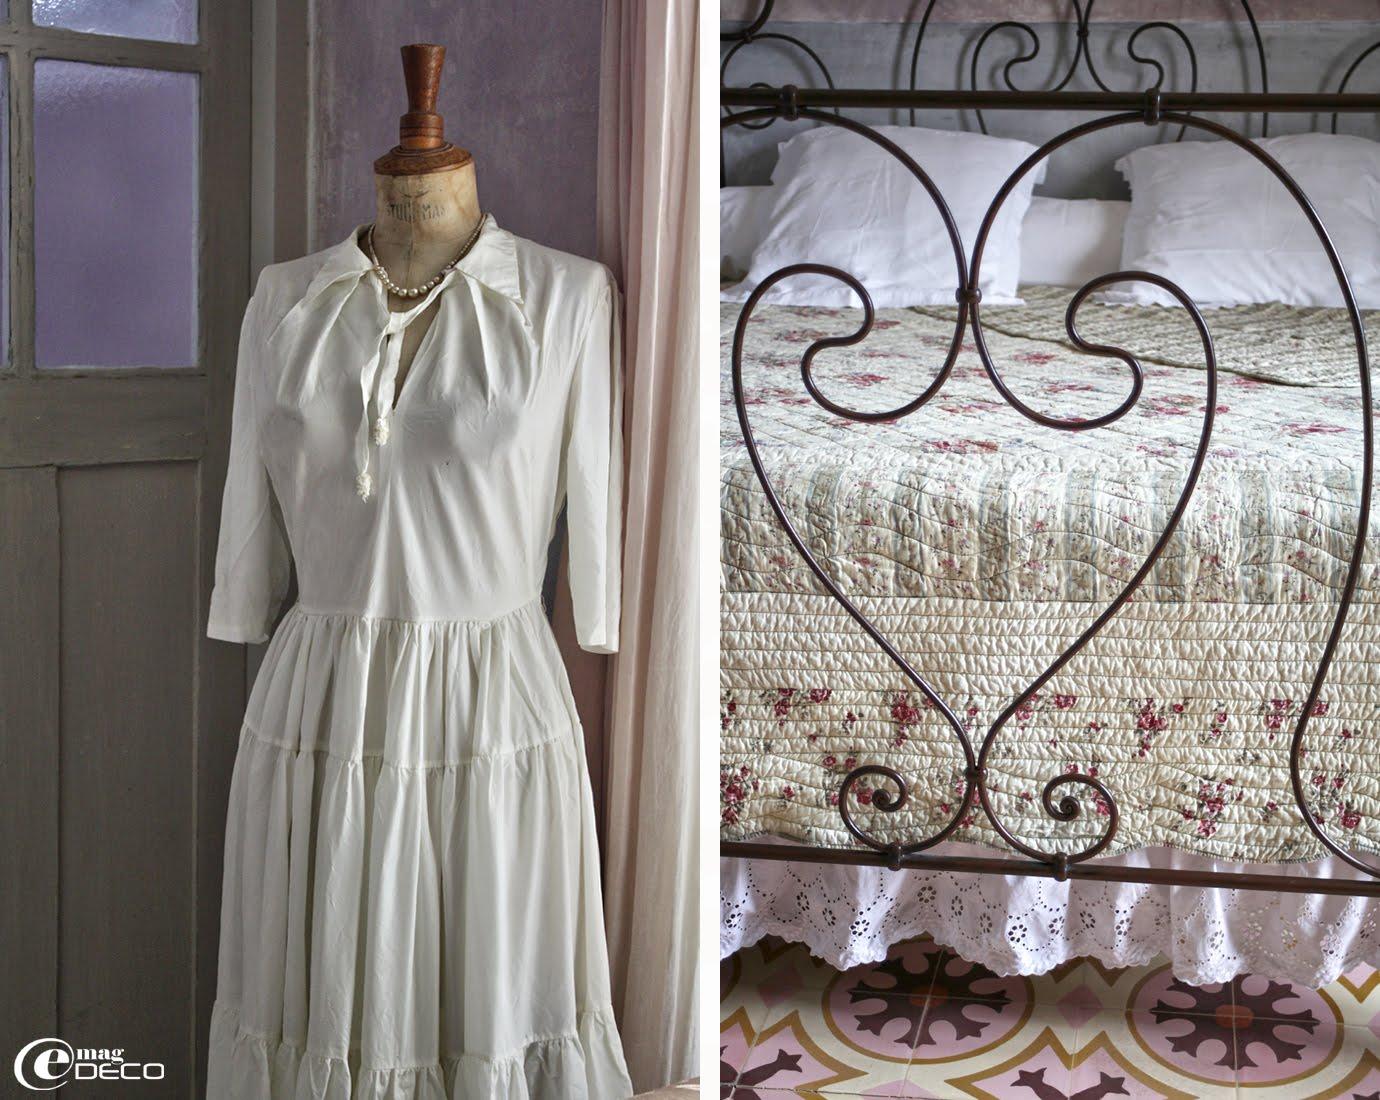 Une ancienne robe de mariée sur un vieux mannequin, mis en scène dans une chambre de la maison d'hôtes Justin de Provence